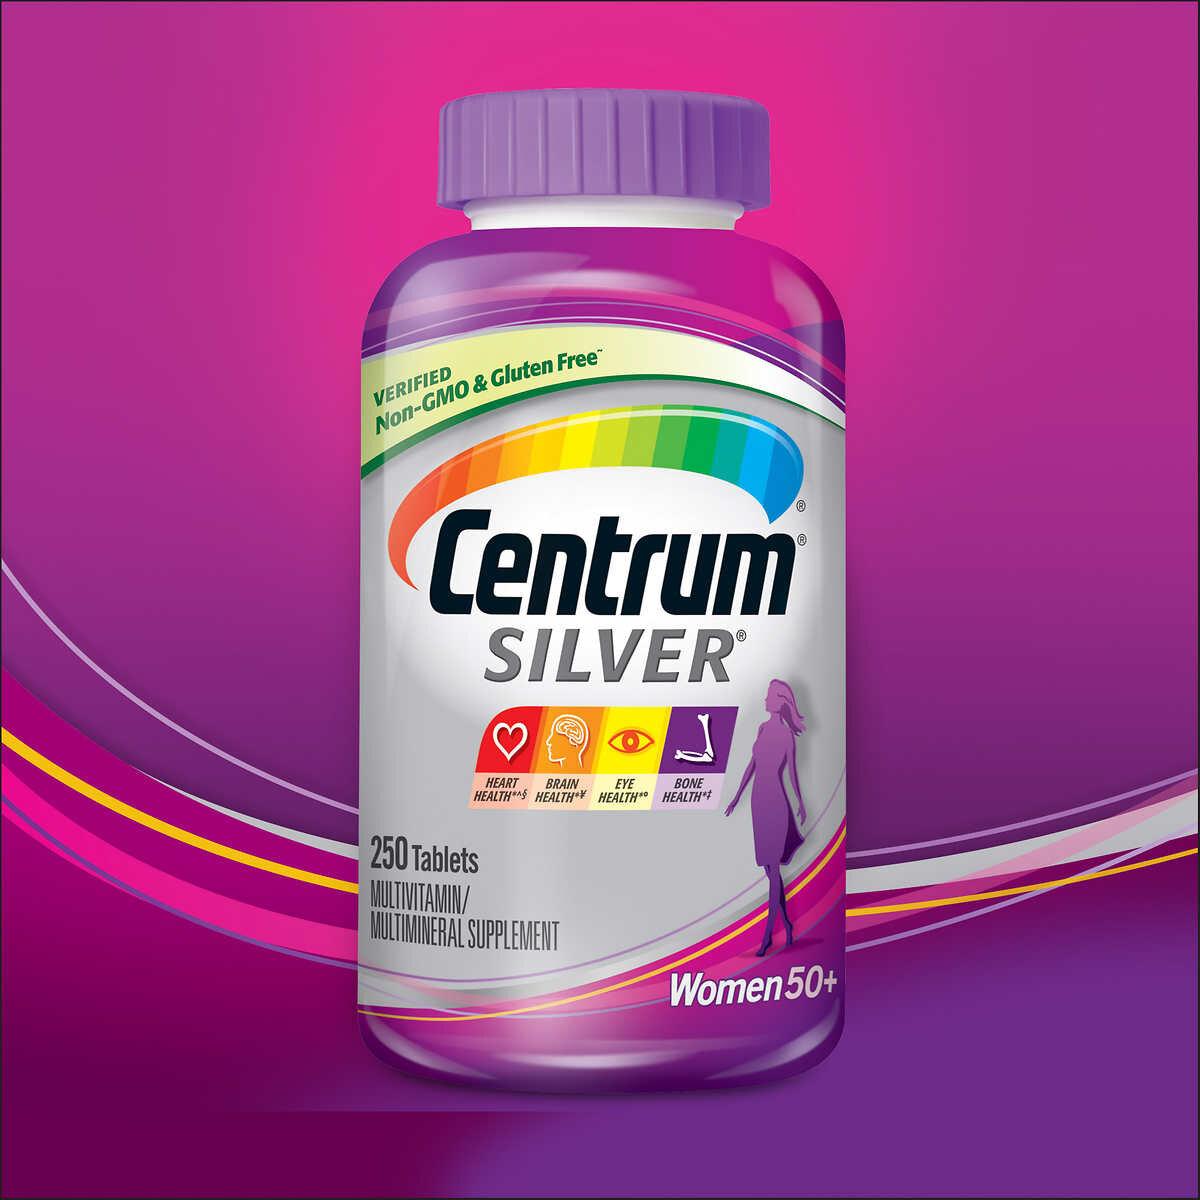 Thuốc Centrum for women 50+ bổ sung dưỡng chất cho phụ nữ trên 50 tuổi